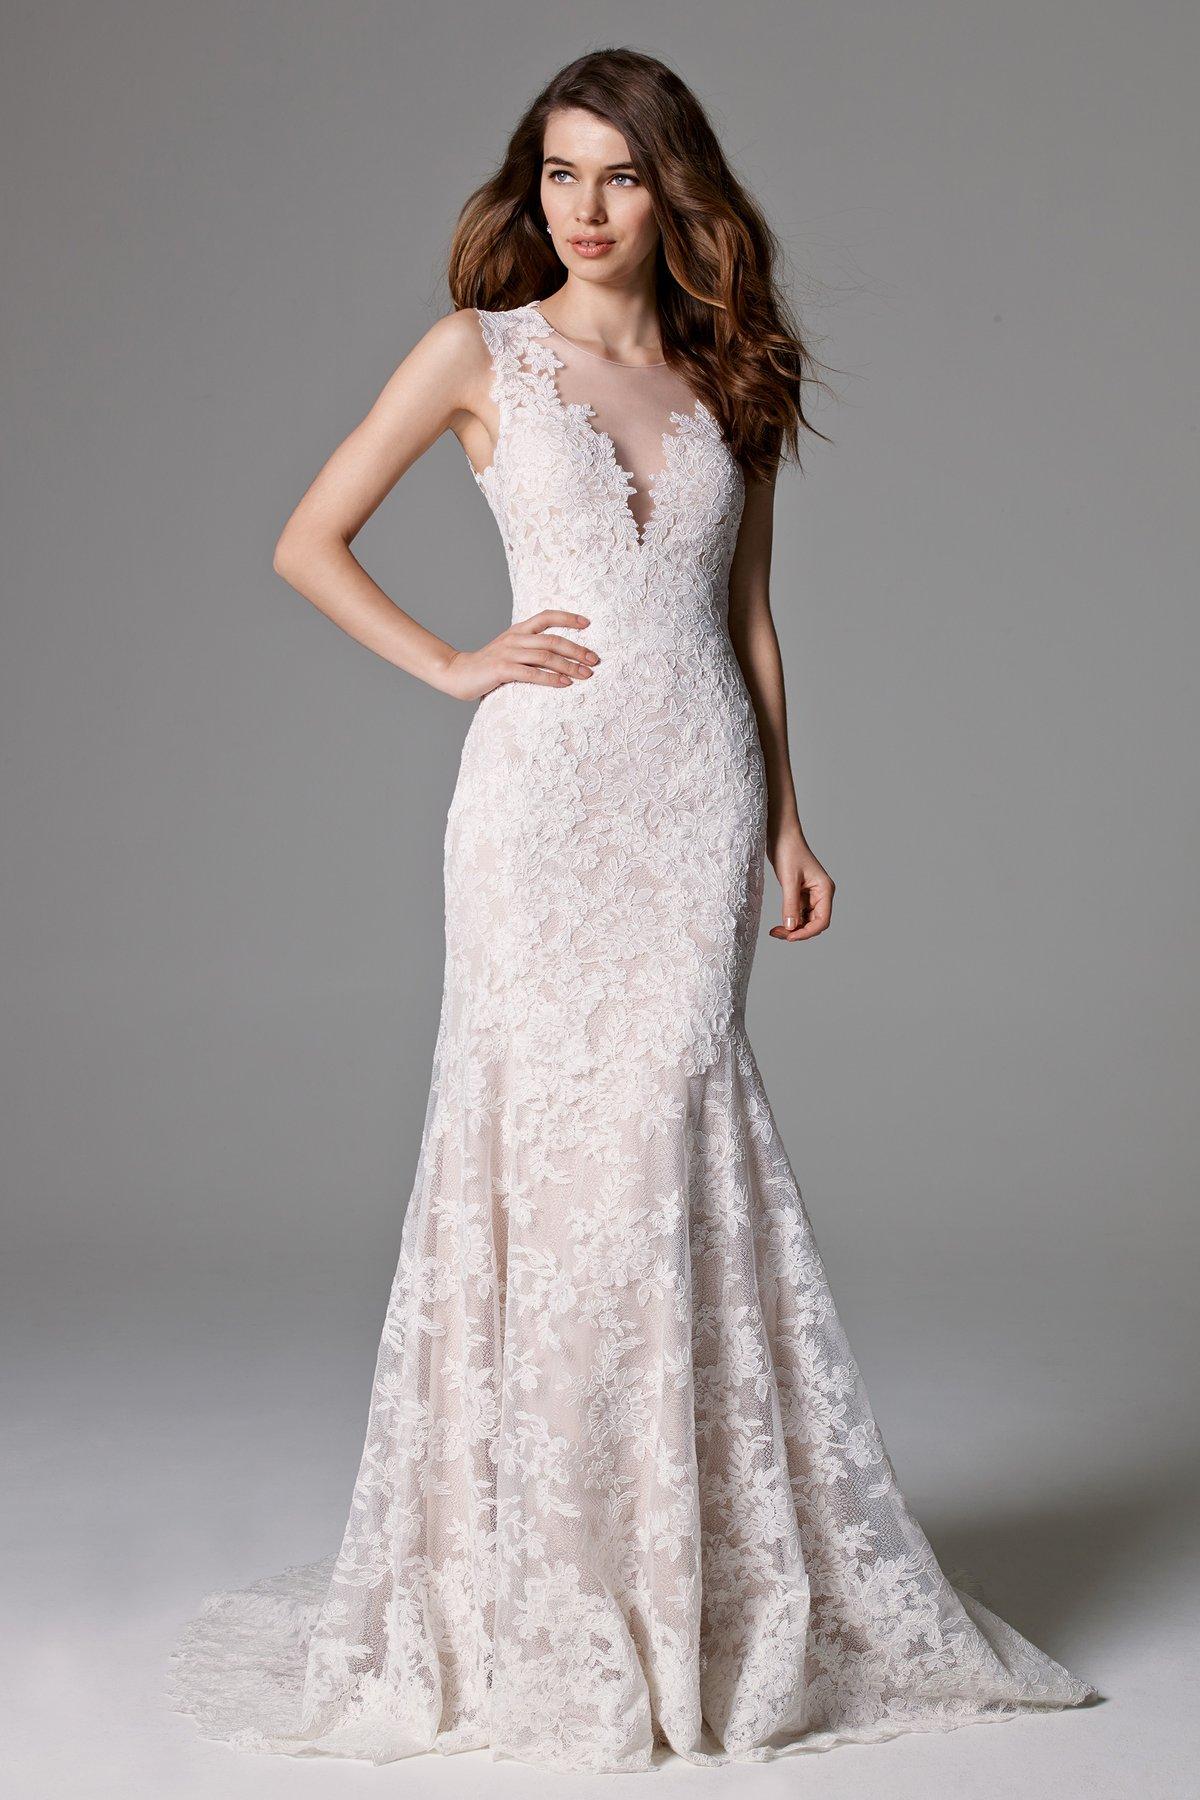 Ashland 8021B | Watters Brides | Watters